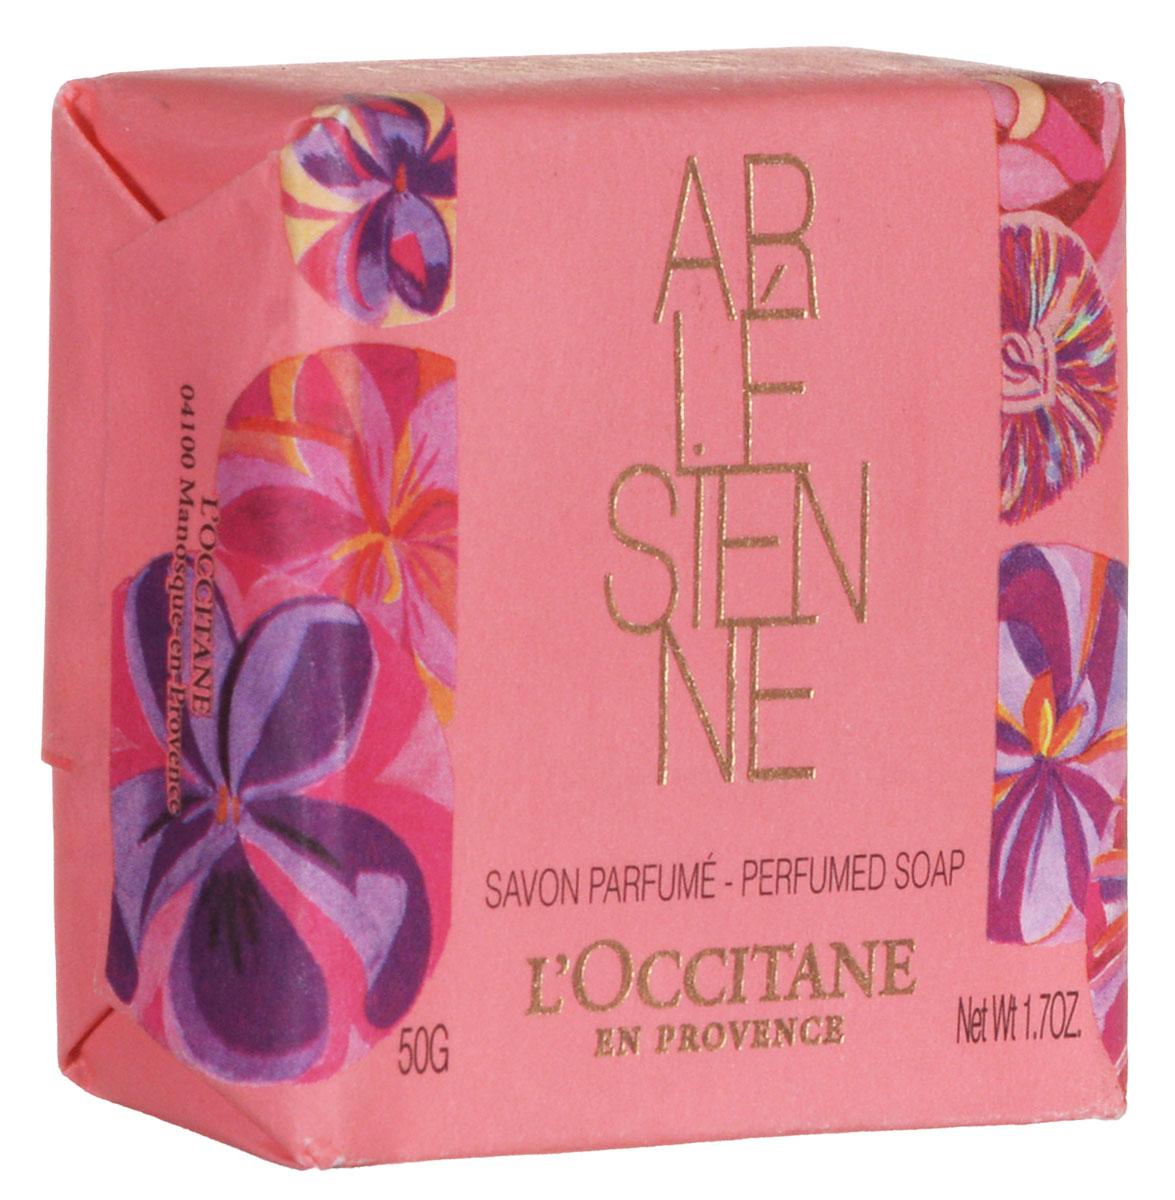 Парфюмированное мыло LOccitane Arlesienne, 50 г321058